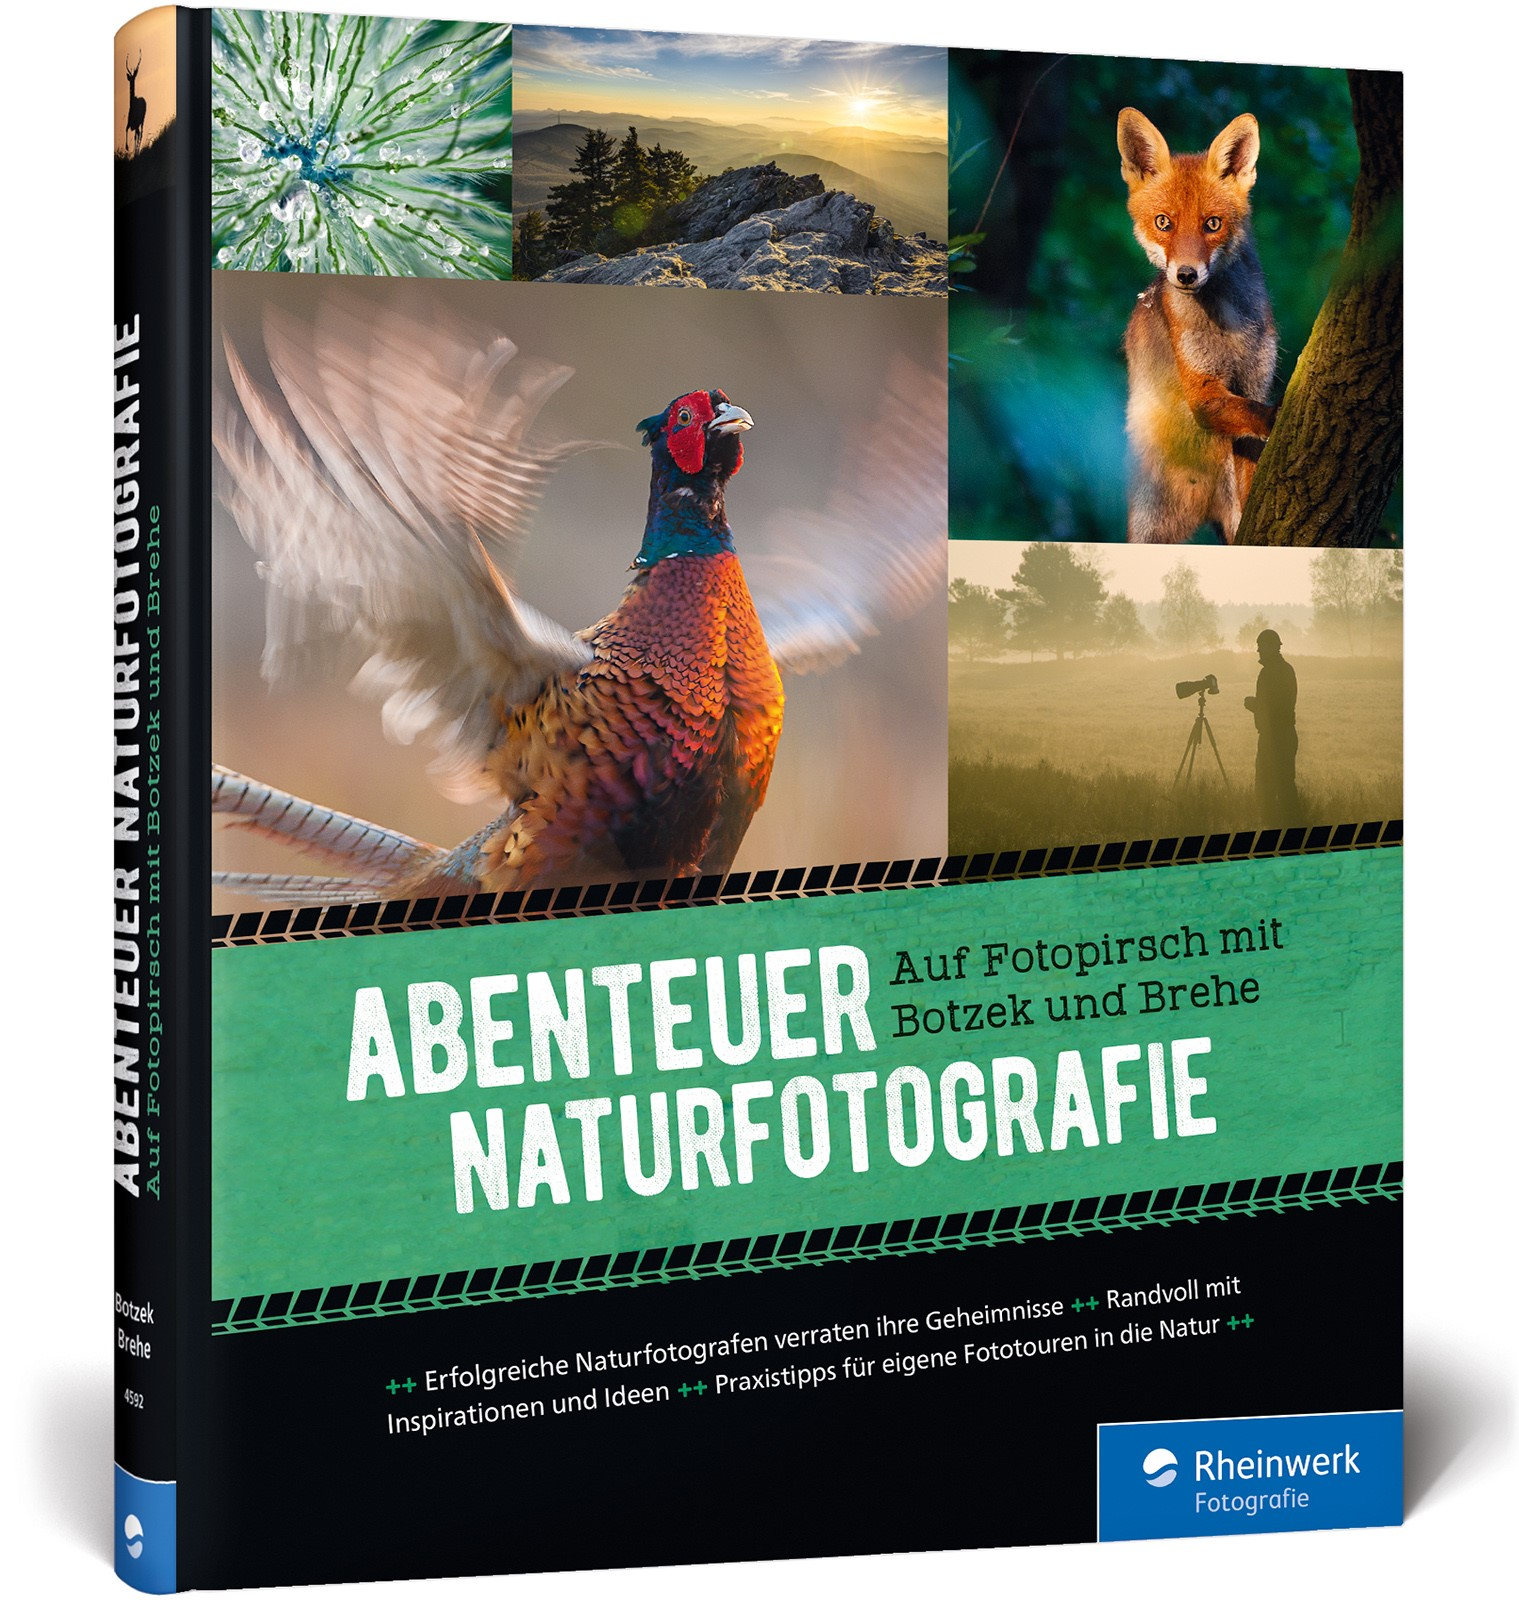 Abenteuer Naturfotografie | Botzek / Brehe, 2018 | Buch (Cover)